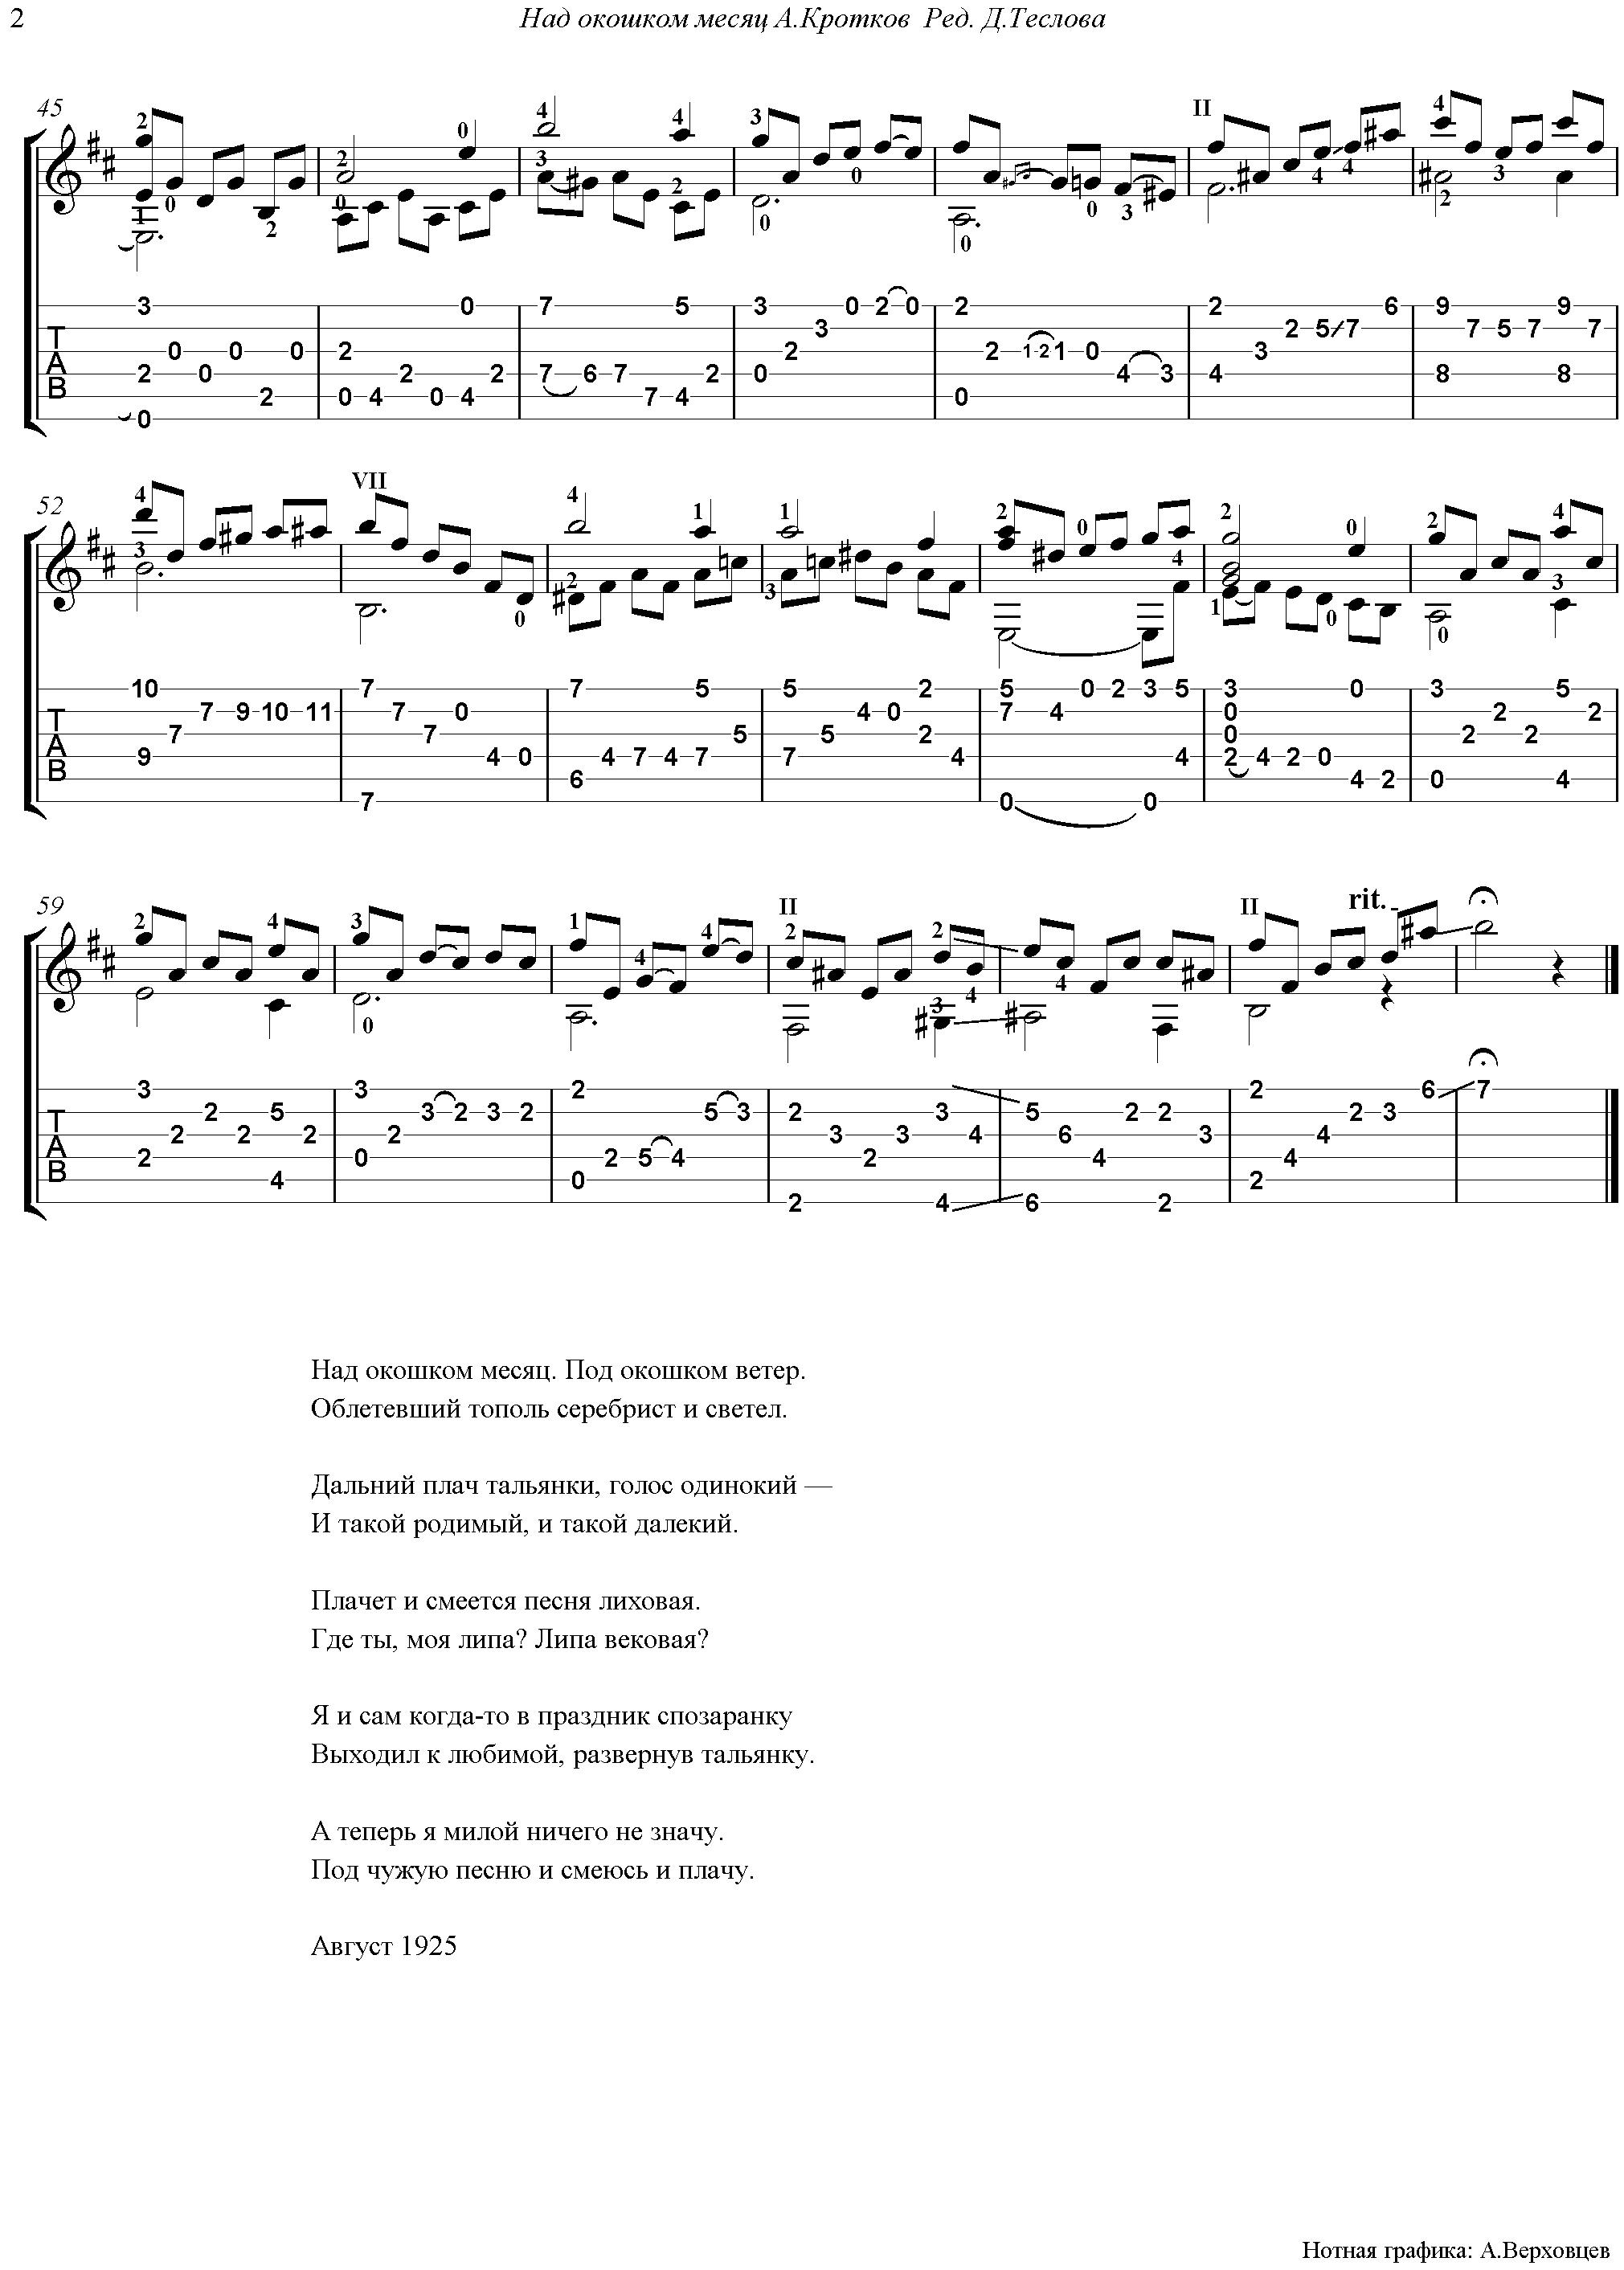 ПЕСНЯ СУКАЧЕВА МЕСЯЦ МАЙ НОТЫ ДЛЯ АККОРДЕОНА СКАЧАТЬ БЕСПЛАТНО